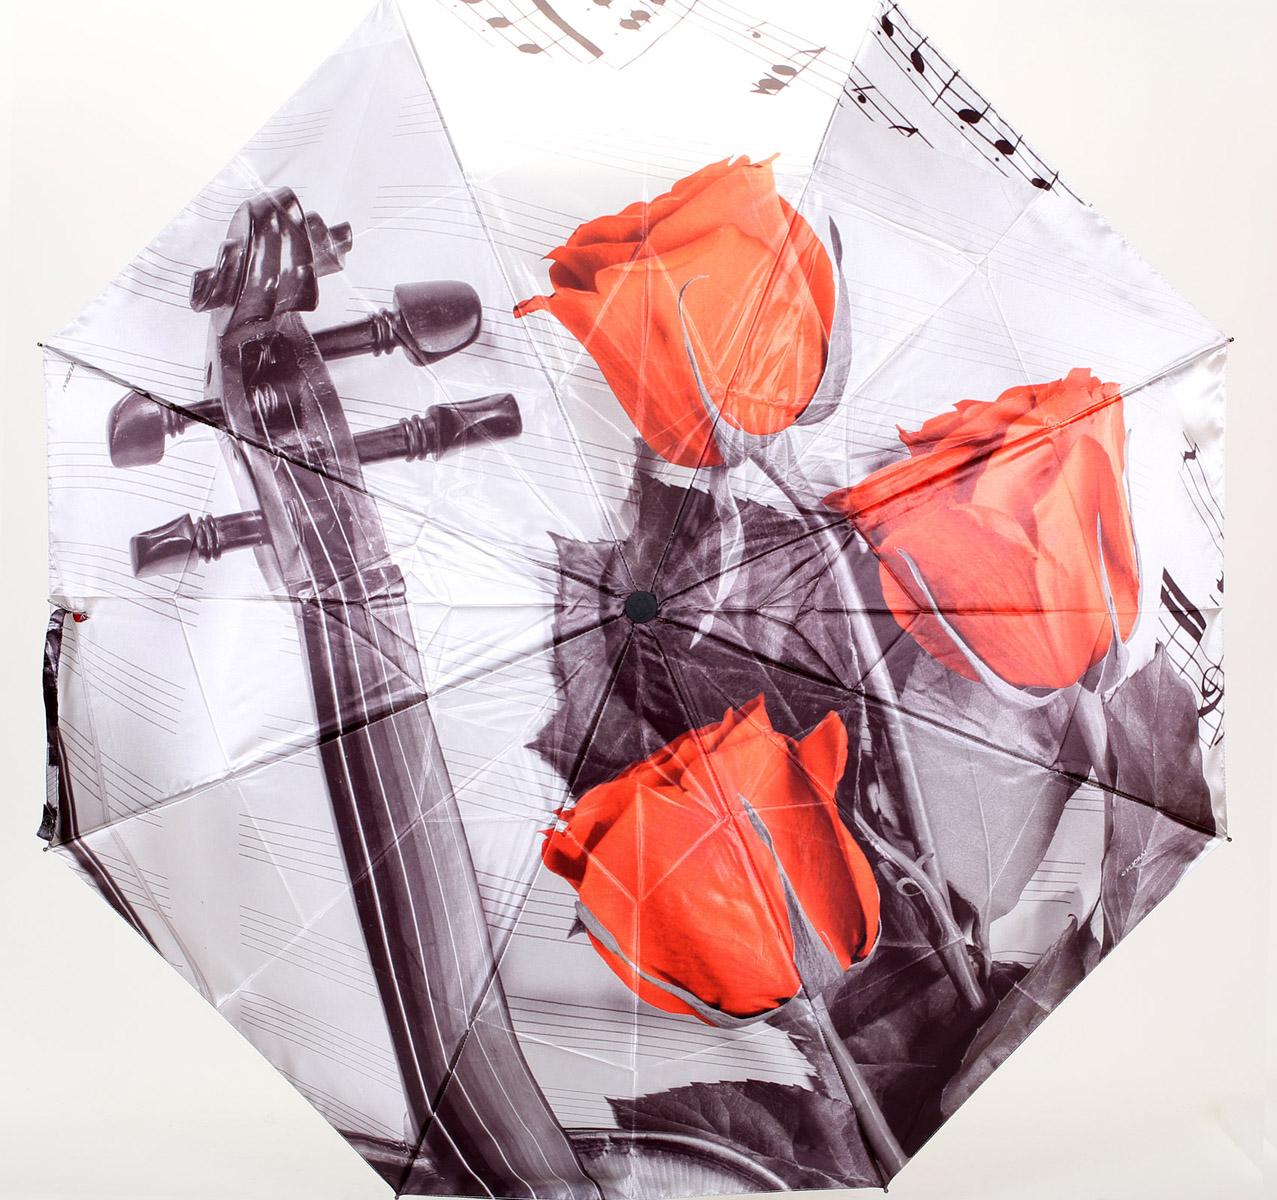 Зонт женский Flioraj Розы и скрипка, автомат, 3 сложения. 013-048FJ013-048FJСтильный автоматический зонт Flioraj Розы и скрипка в 3 сложения даже в ненастную погоду позволит вам оставаться стильной и элегантной. Каркас зонта из анодированной стали состоит из восьми карбоновых спиц, оснащен удобной прорезиненной рукояткой. Зонт имеет полный автоматический механизм сложения: купол открывается и закрывается нажатием кнопки на рукоятке, стержень складывается вручную до характерного щелчка, благодаря чему открыть и закрыть зонт можно одной рукой, что чрезвычайно удобно при входе в транспорт или помещение. Купол зонта выполнен из прочного сатина черного цвета и оформлен изображением красных роз и скрипки. На рукоятке для удобства есть небольшой шнурок-резинка, позволяющий надеть зонт на руку тогда, когда это будет необходимо. К зонту прилагается чехол.